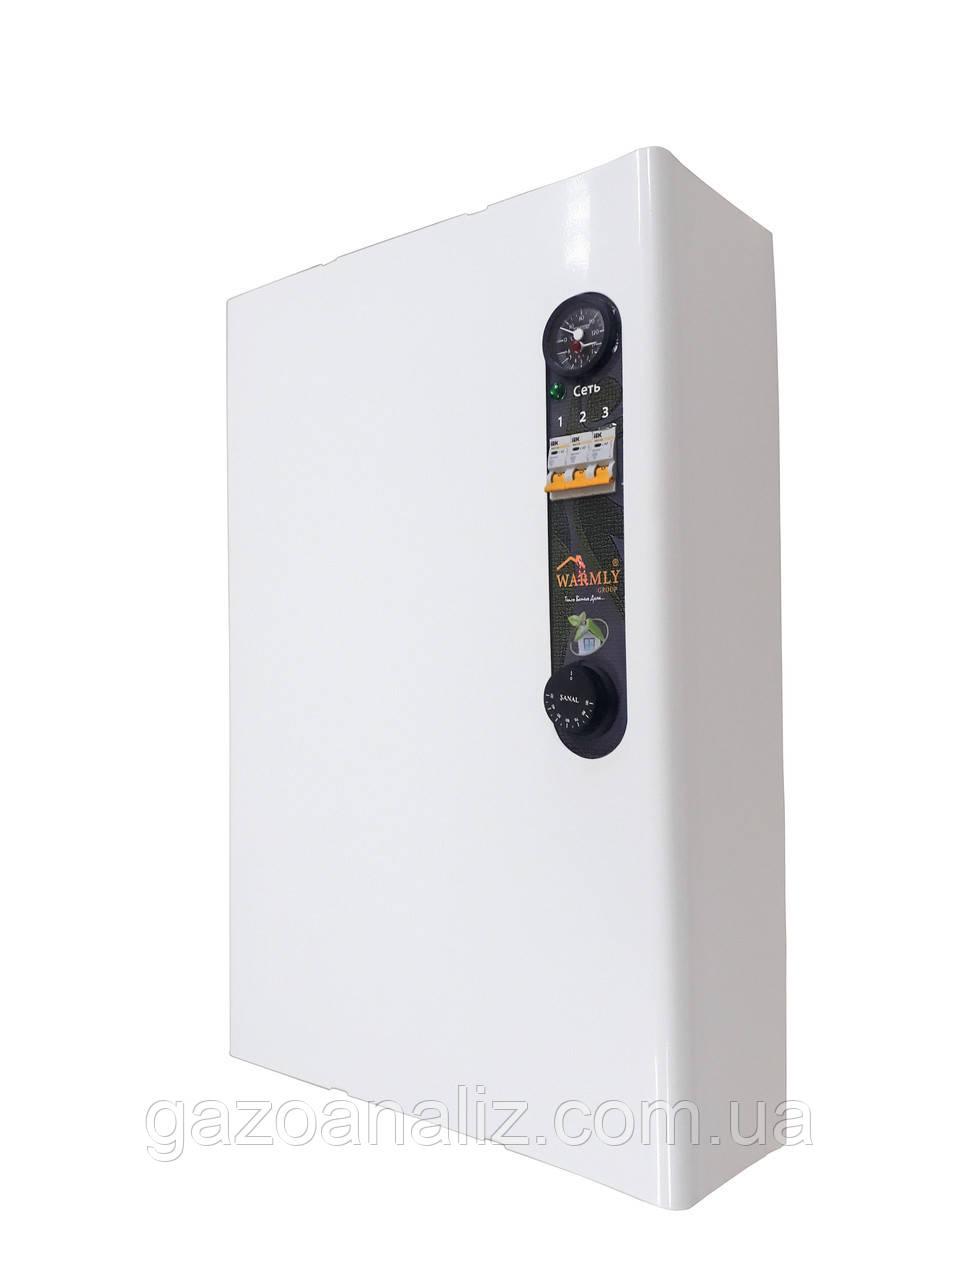 Електрокотел з насосом і бачком Warmly PRO 6/220/380 магн.пуск.